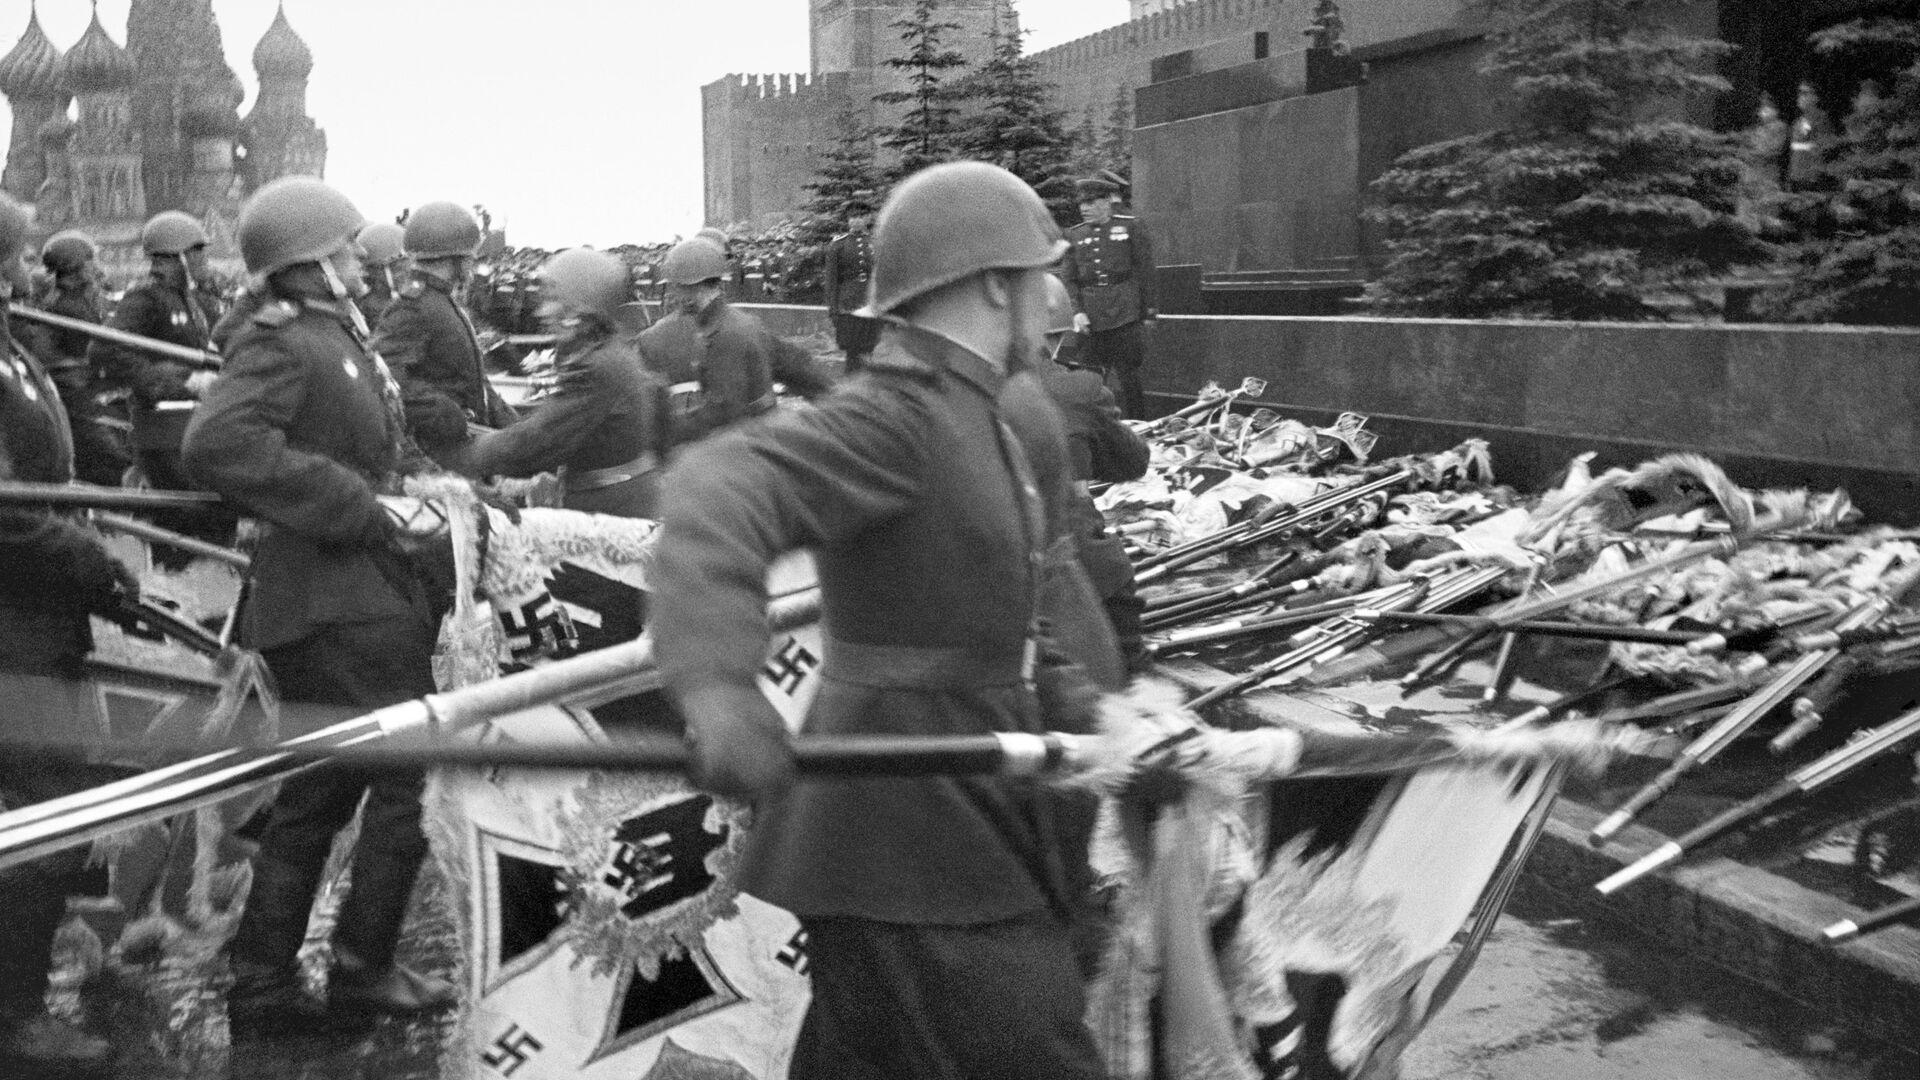 Знамена поверженных фашистских армий падают к стенам Кремля. Москва. 1945 год - РИА Новости, 1920, 09.05.2021